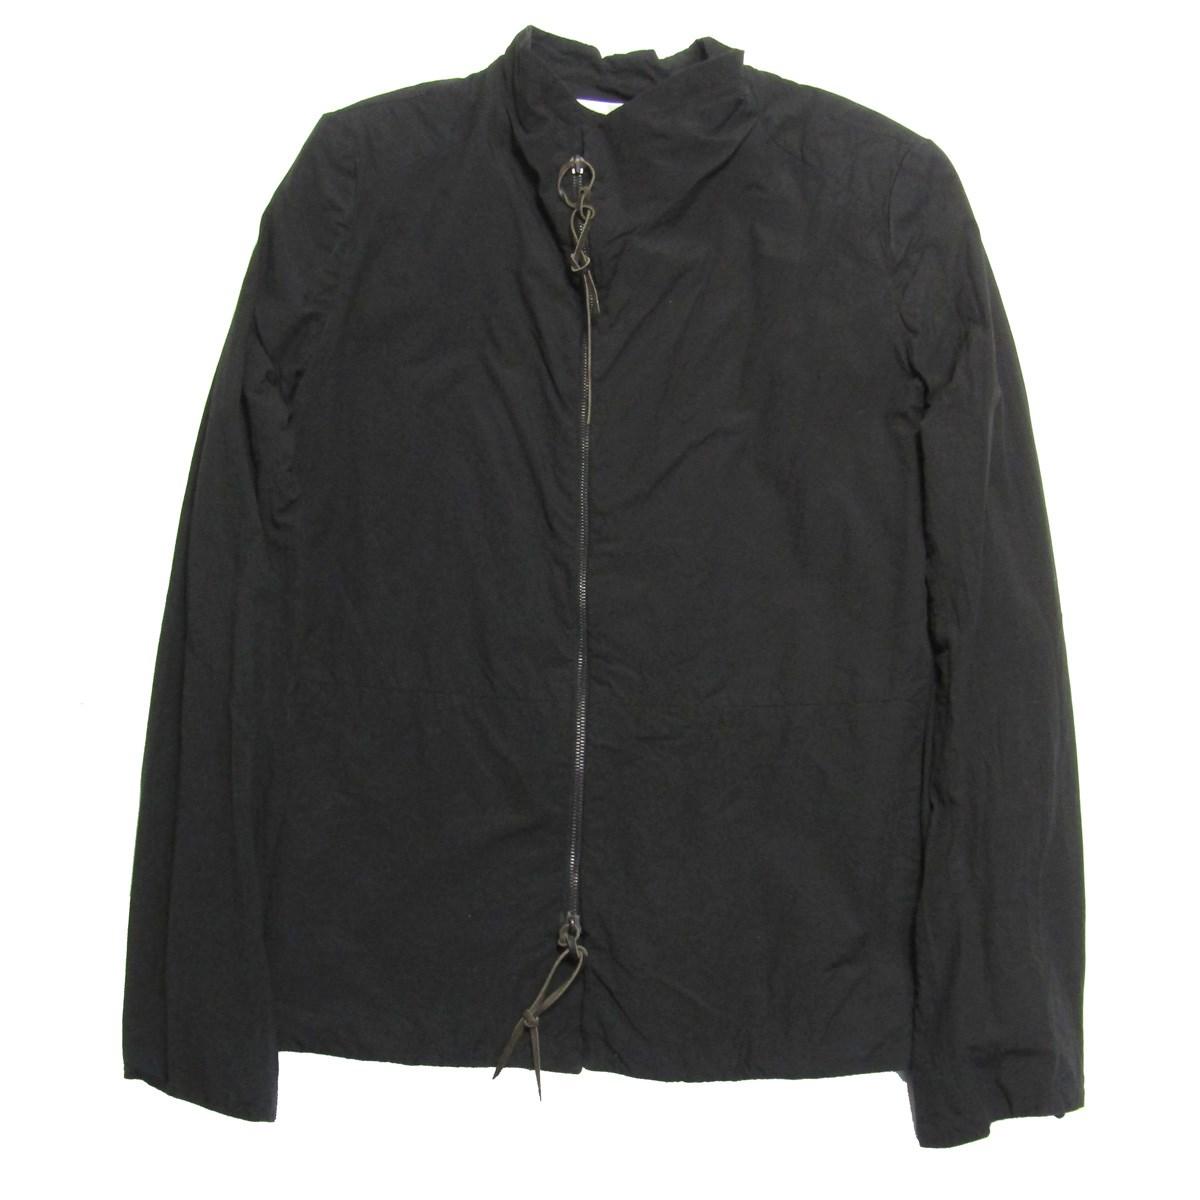 【中古】ATELIER SUPPAN ジップアップシャツジャケット ブラック サイズ:1 【120720】(アトリエスパン)